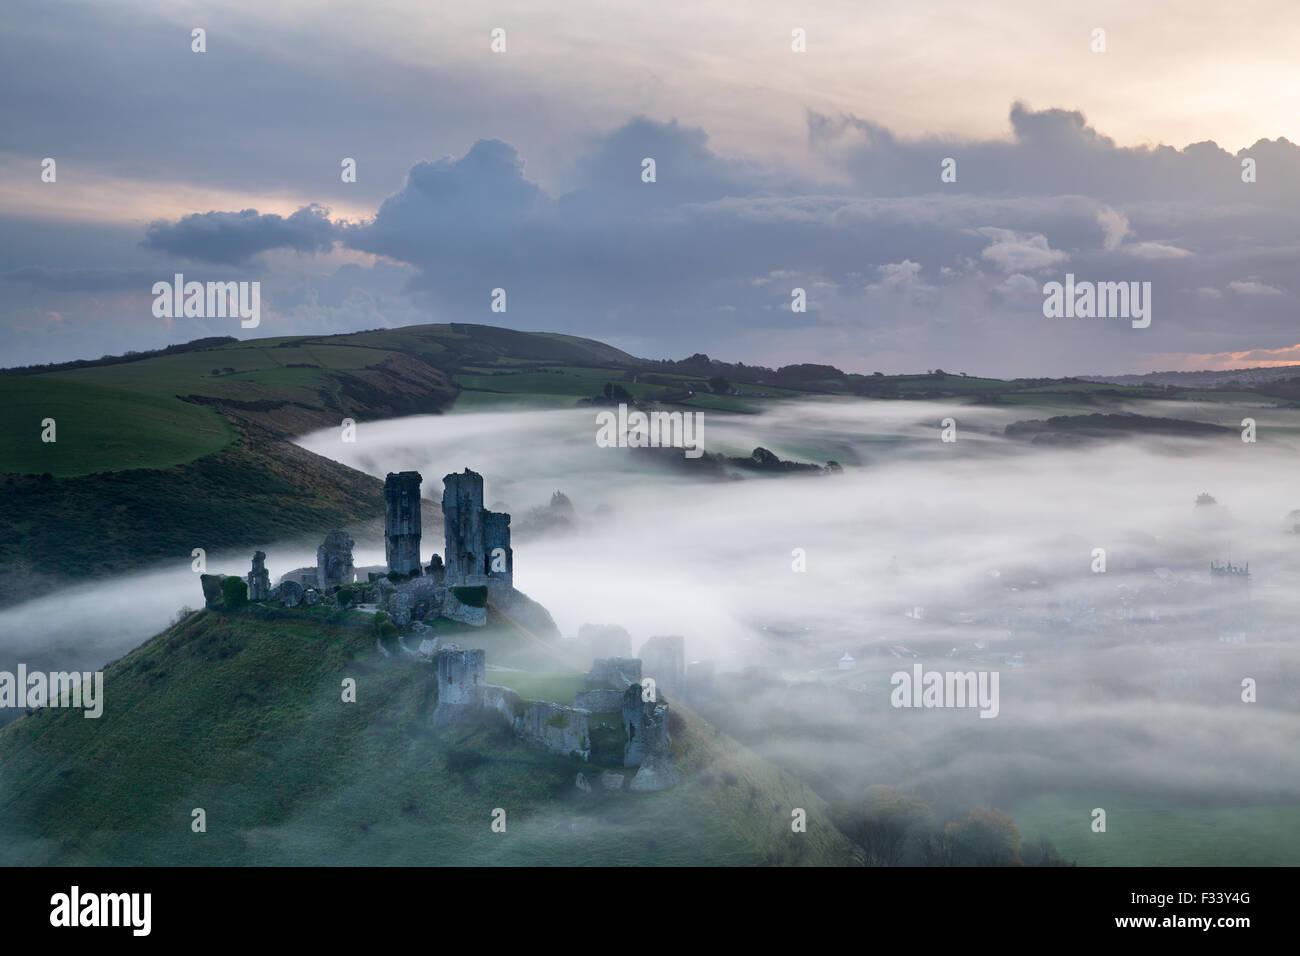 El castillo Corfe en la neblina al amanecer, Dorset, Inglaterra Foto de stock